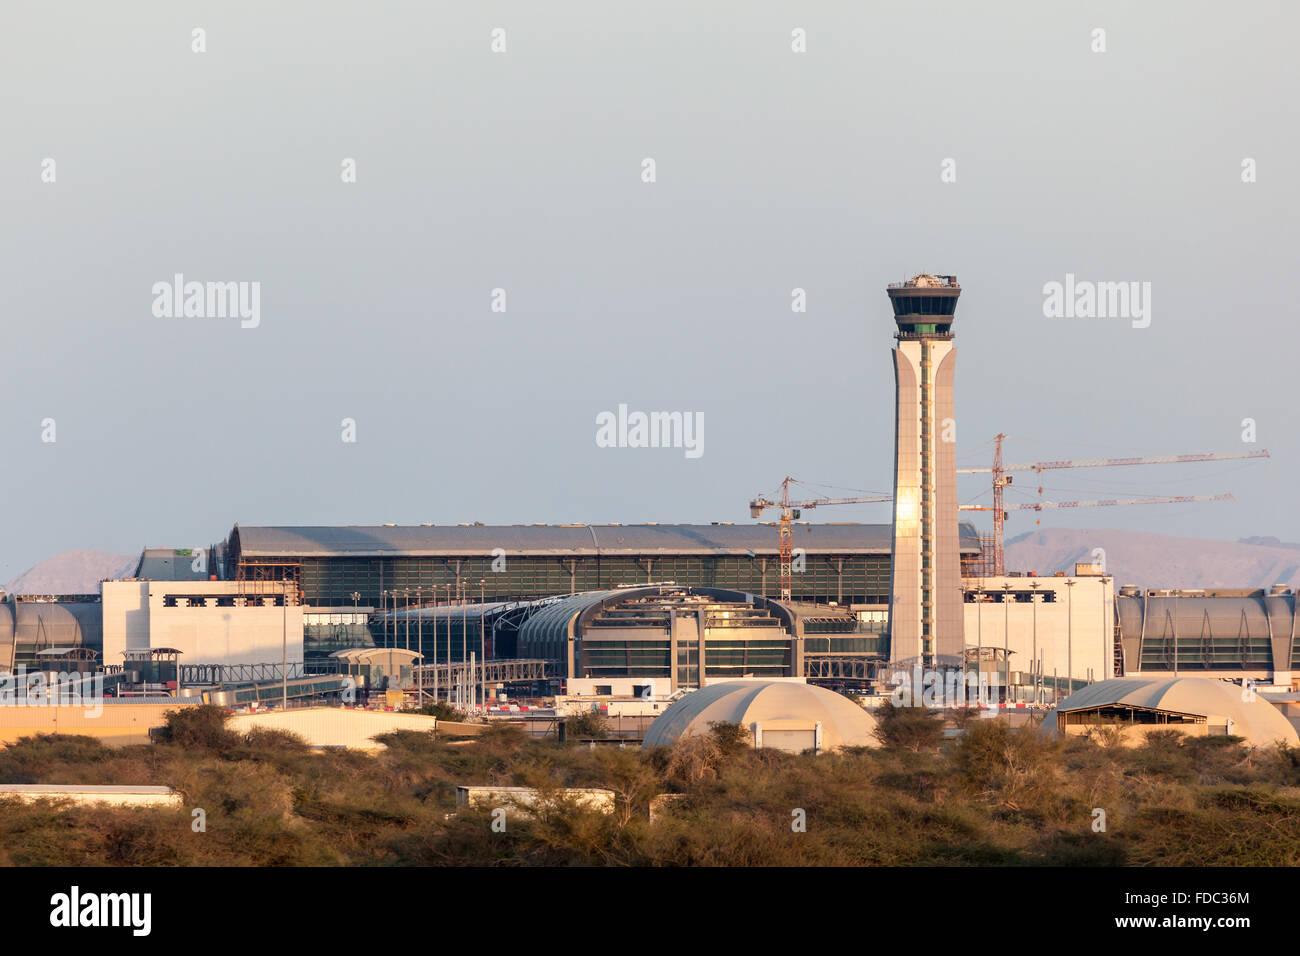 El Aeropuerto Internacional de Omán en Muscat. Imagen De Stock